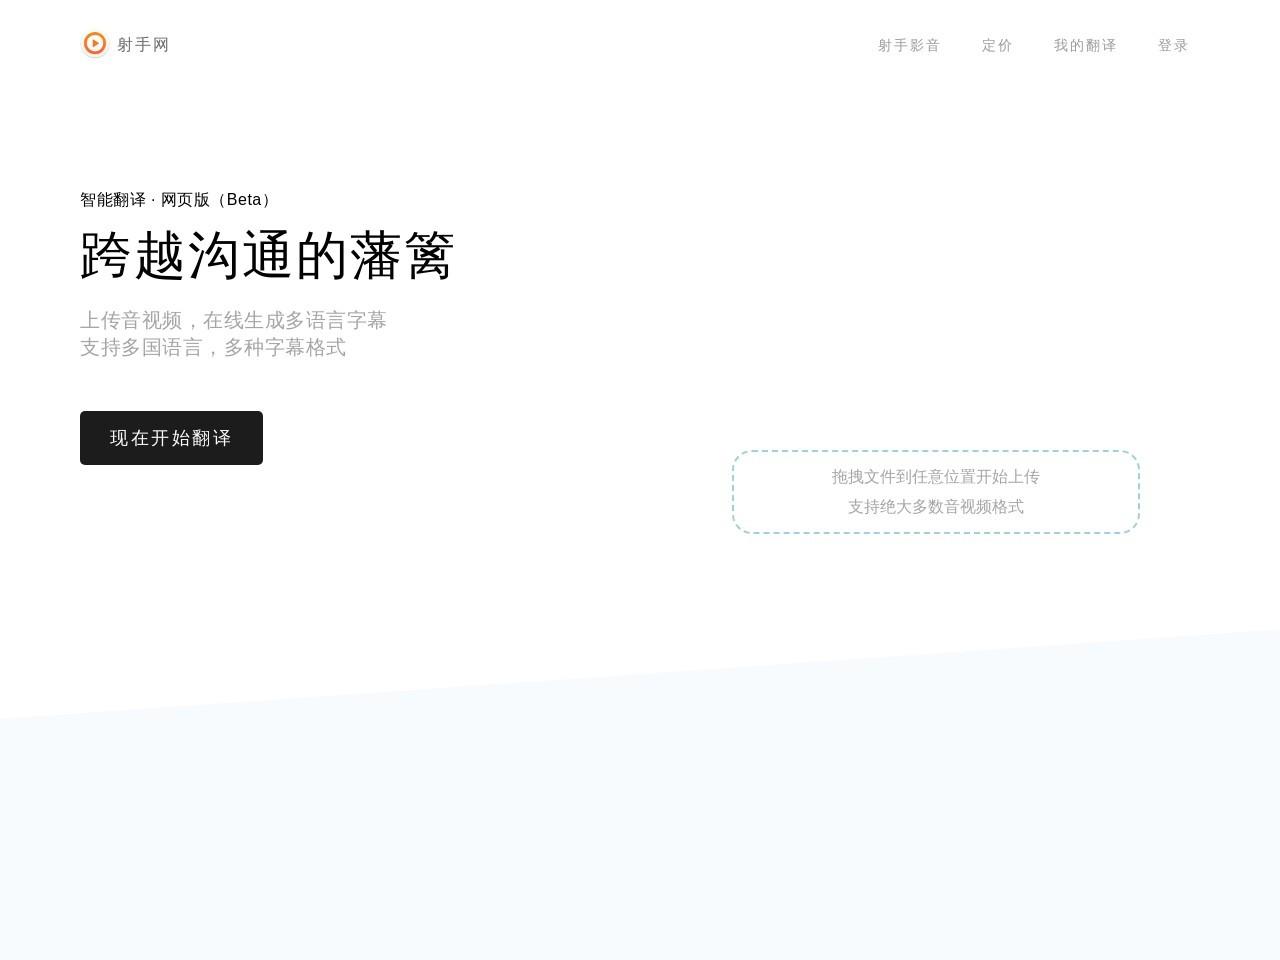 射手字幕网